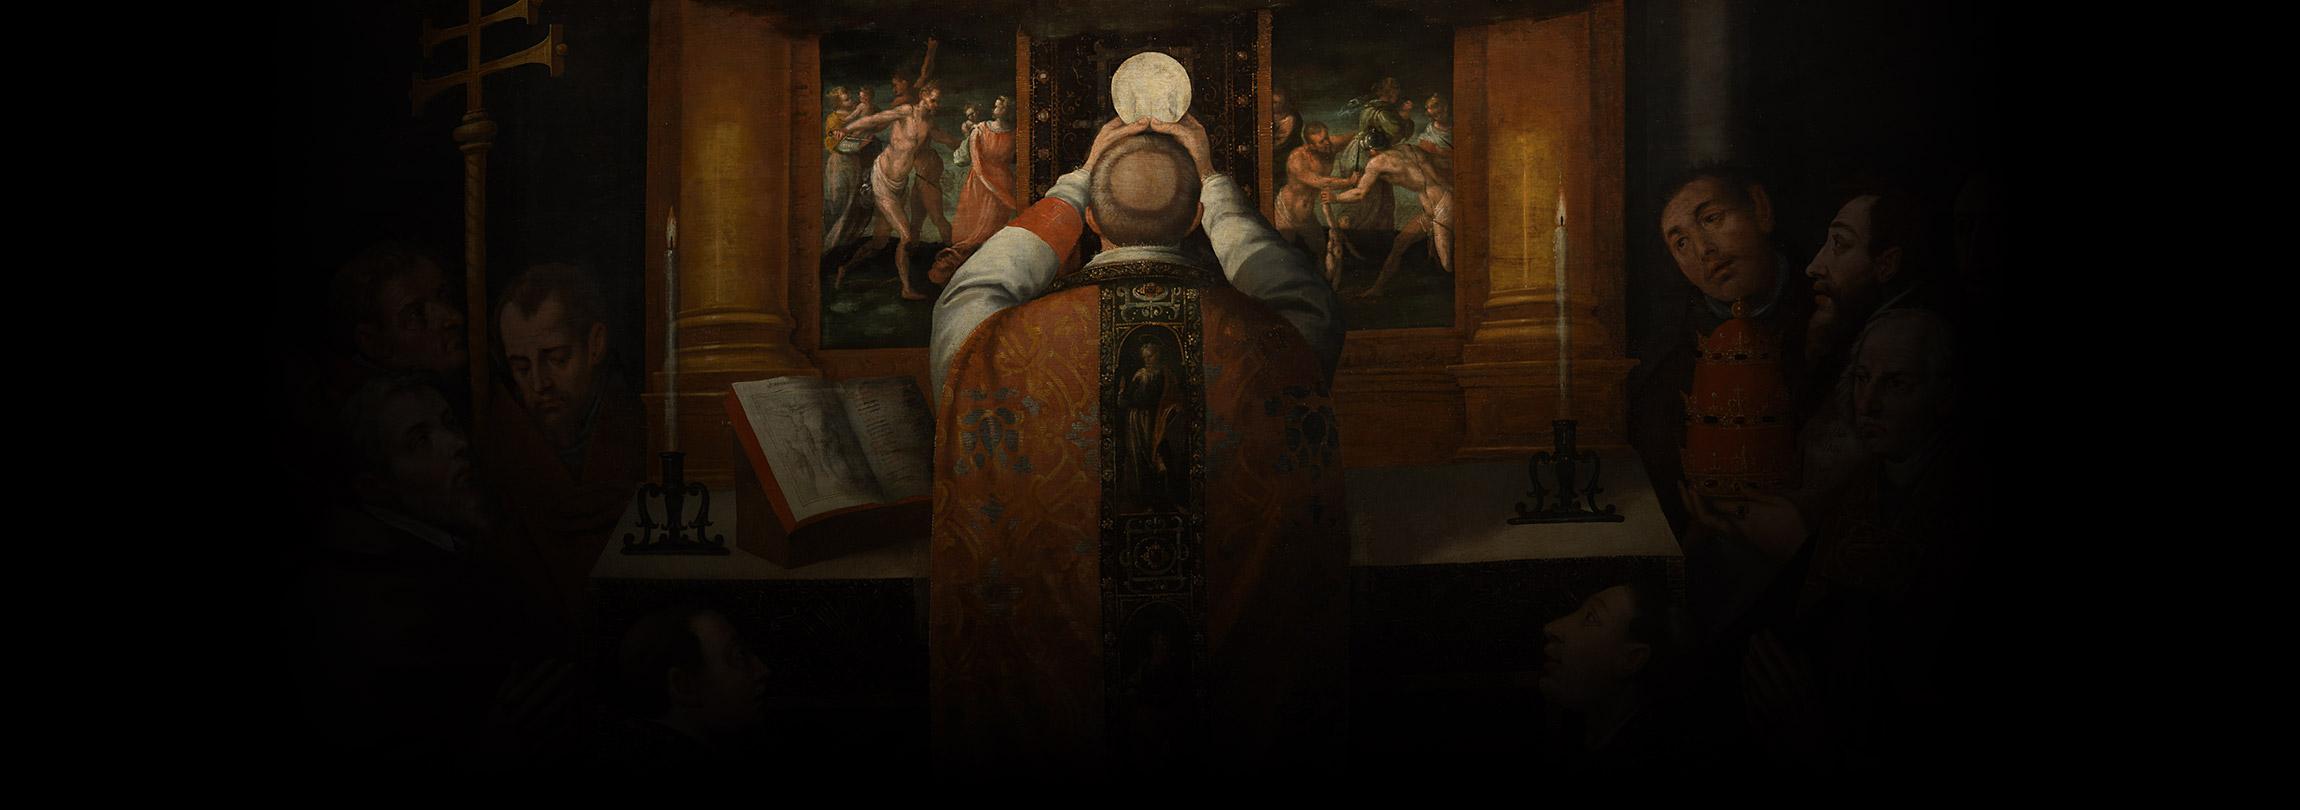 Formulário para a Missa do Coração Eucarístico de Jesus